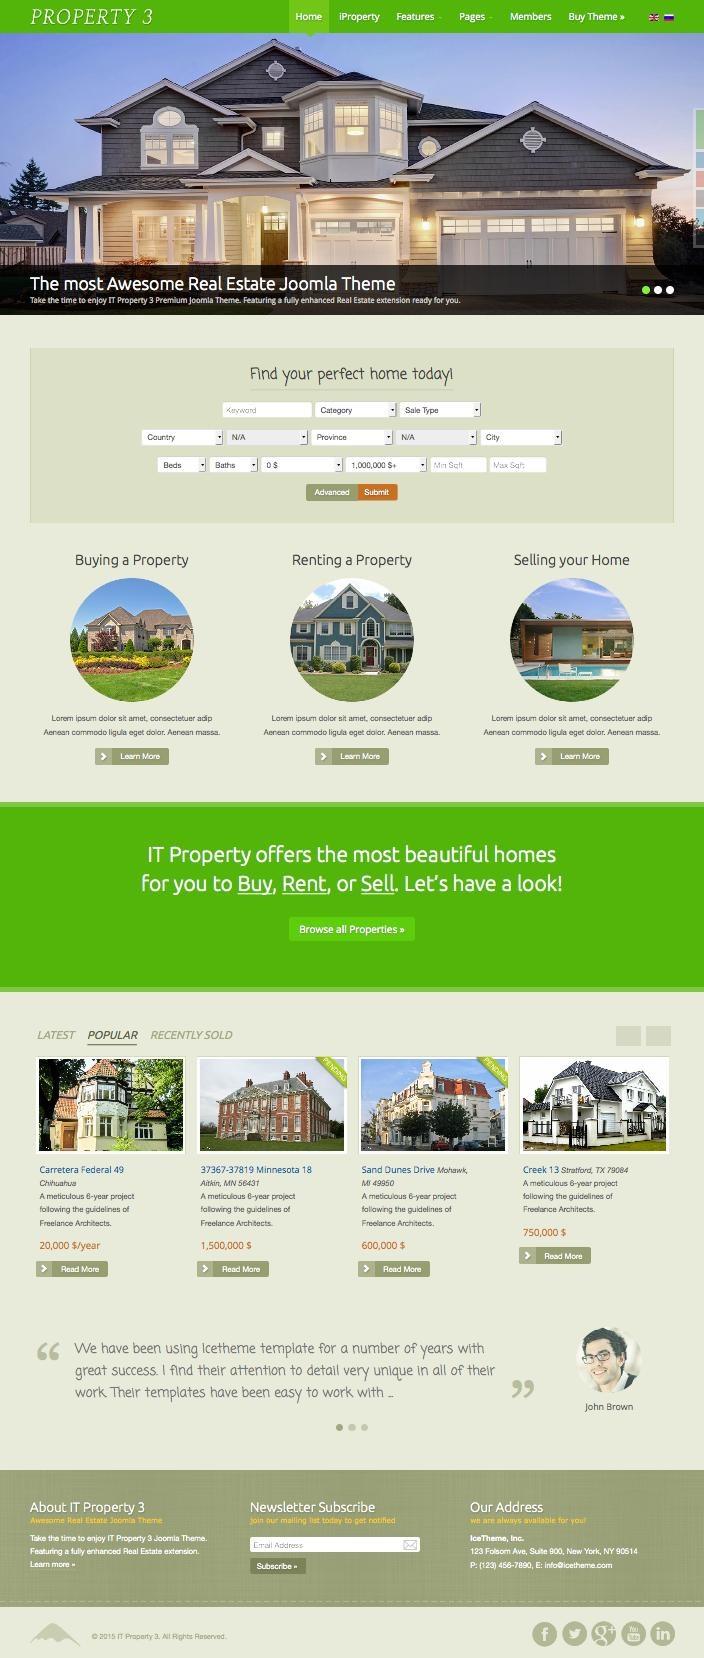 IT Property 3 Joomla Properties Rent Template